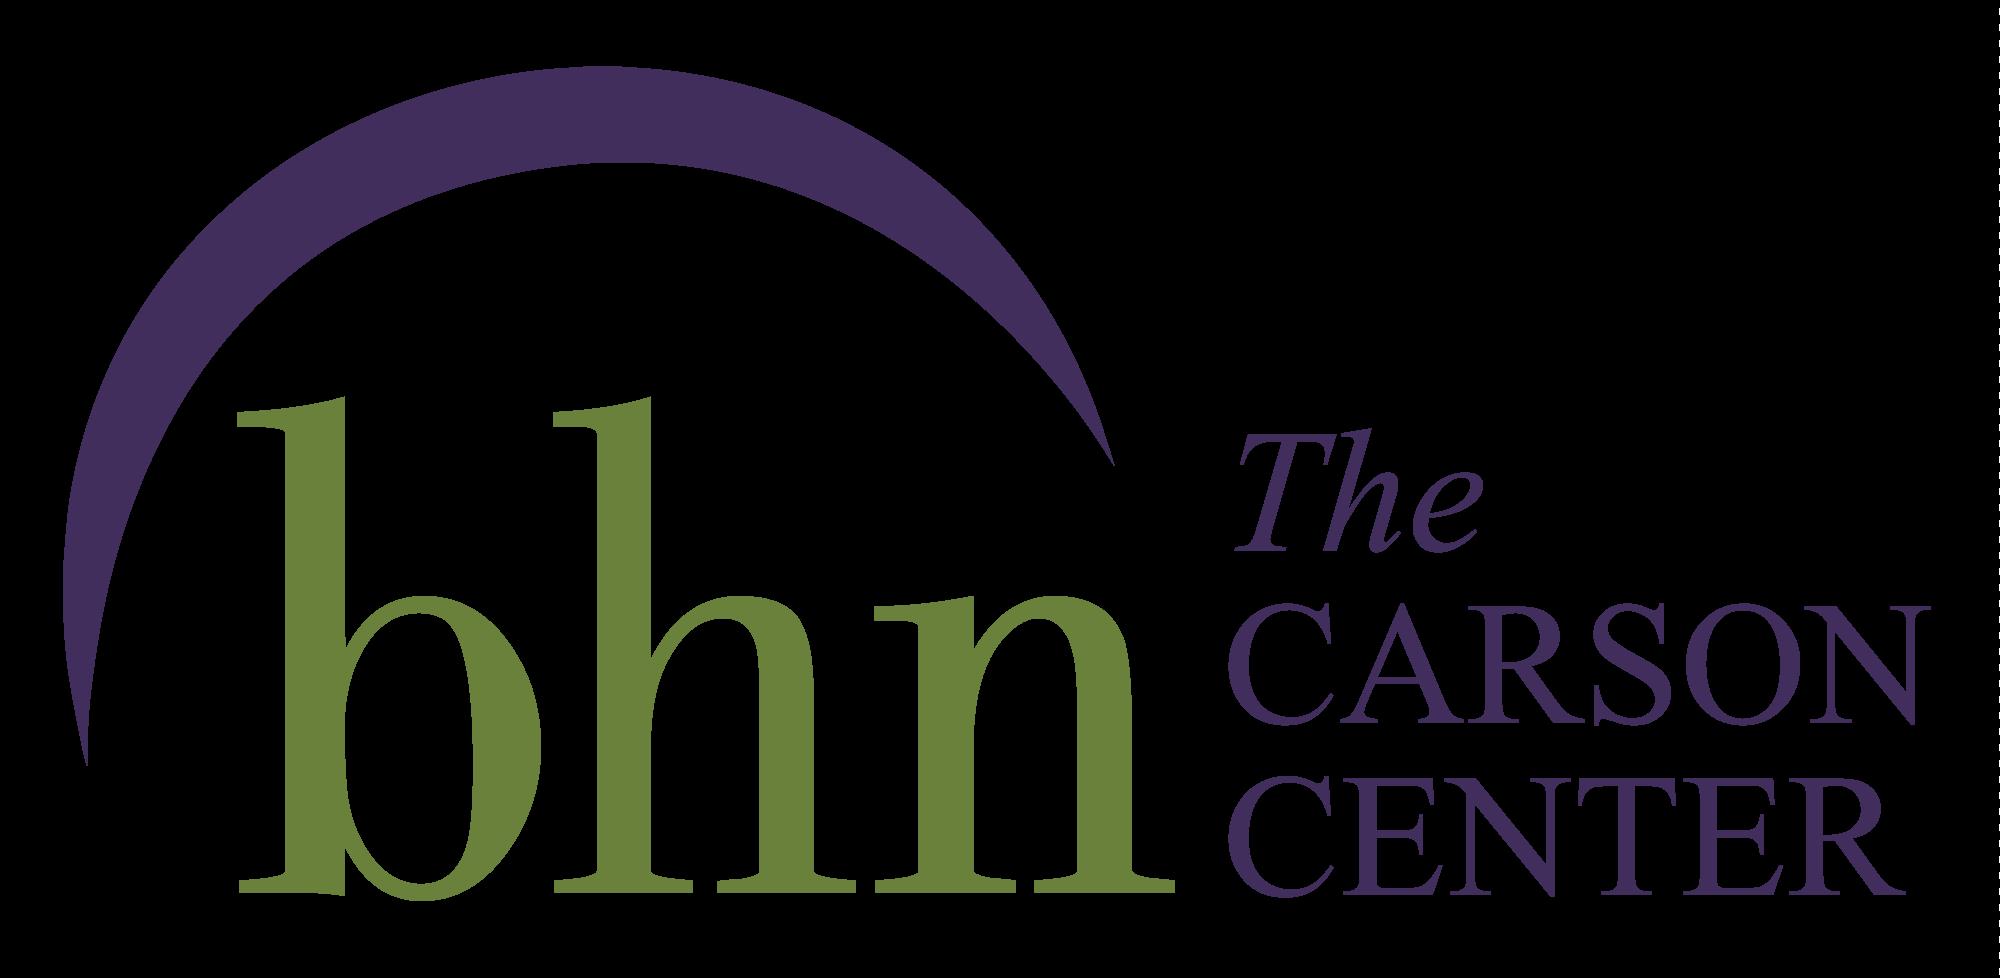 Carson Center